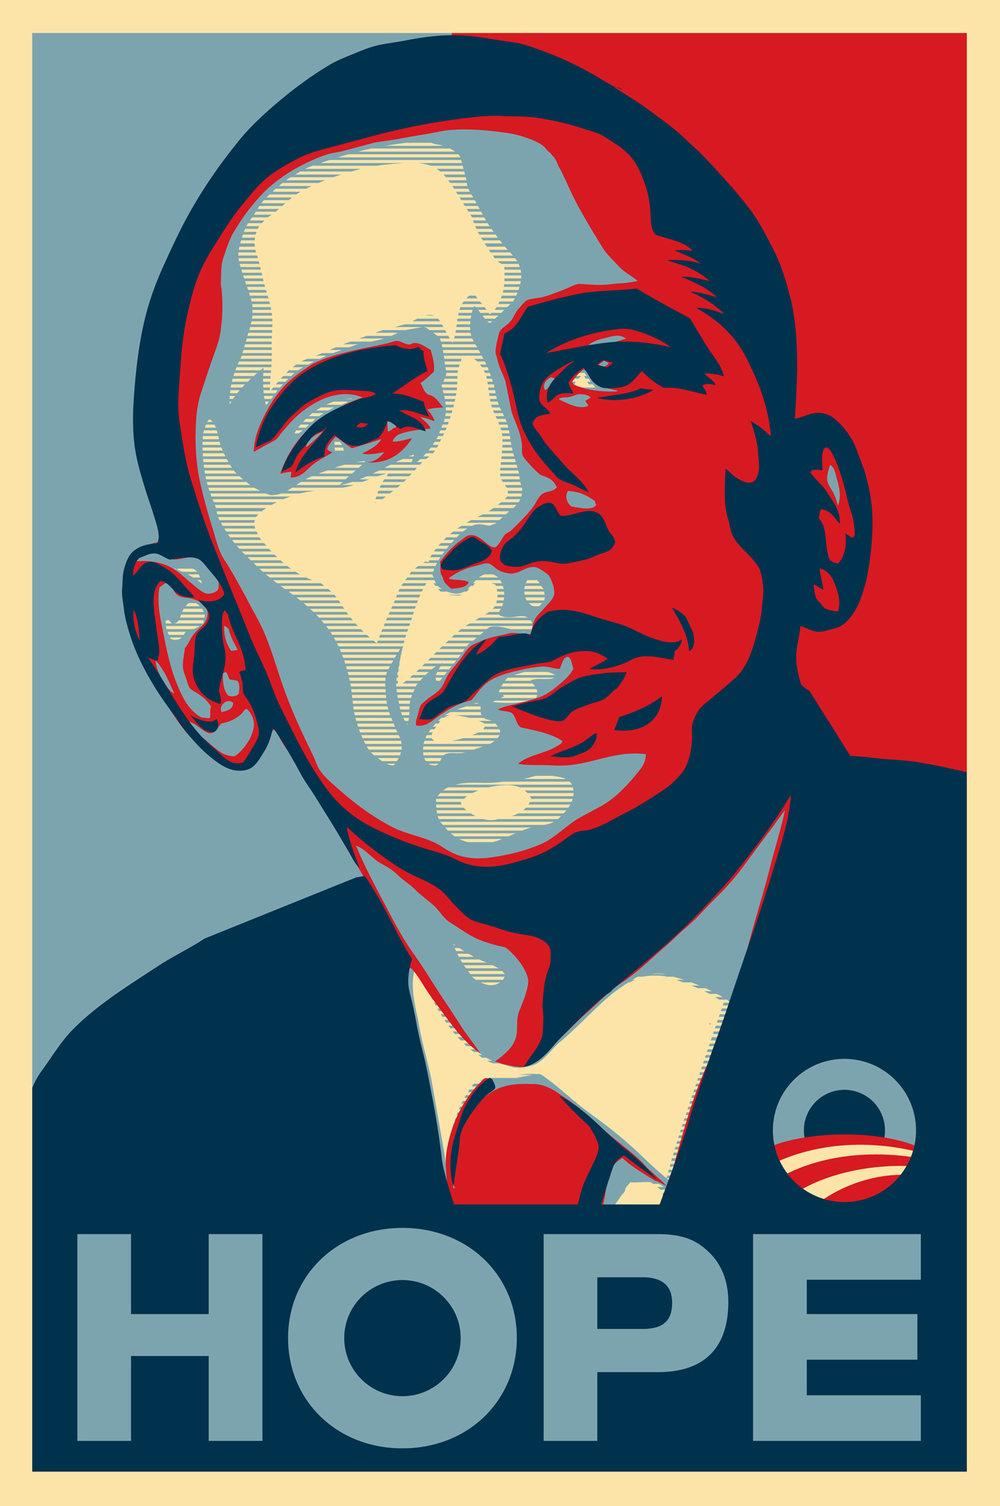 obama-hope-shelter-copy.jpg